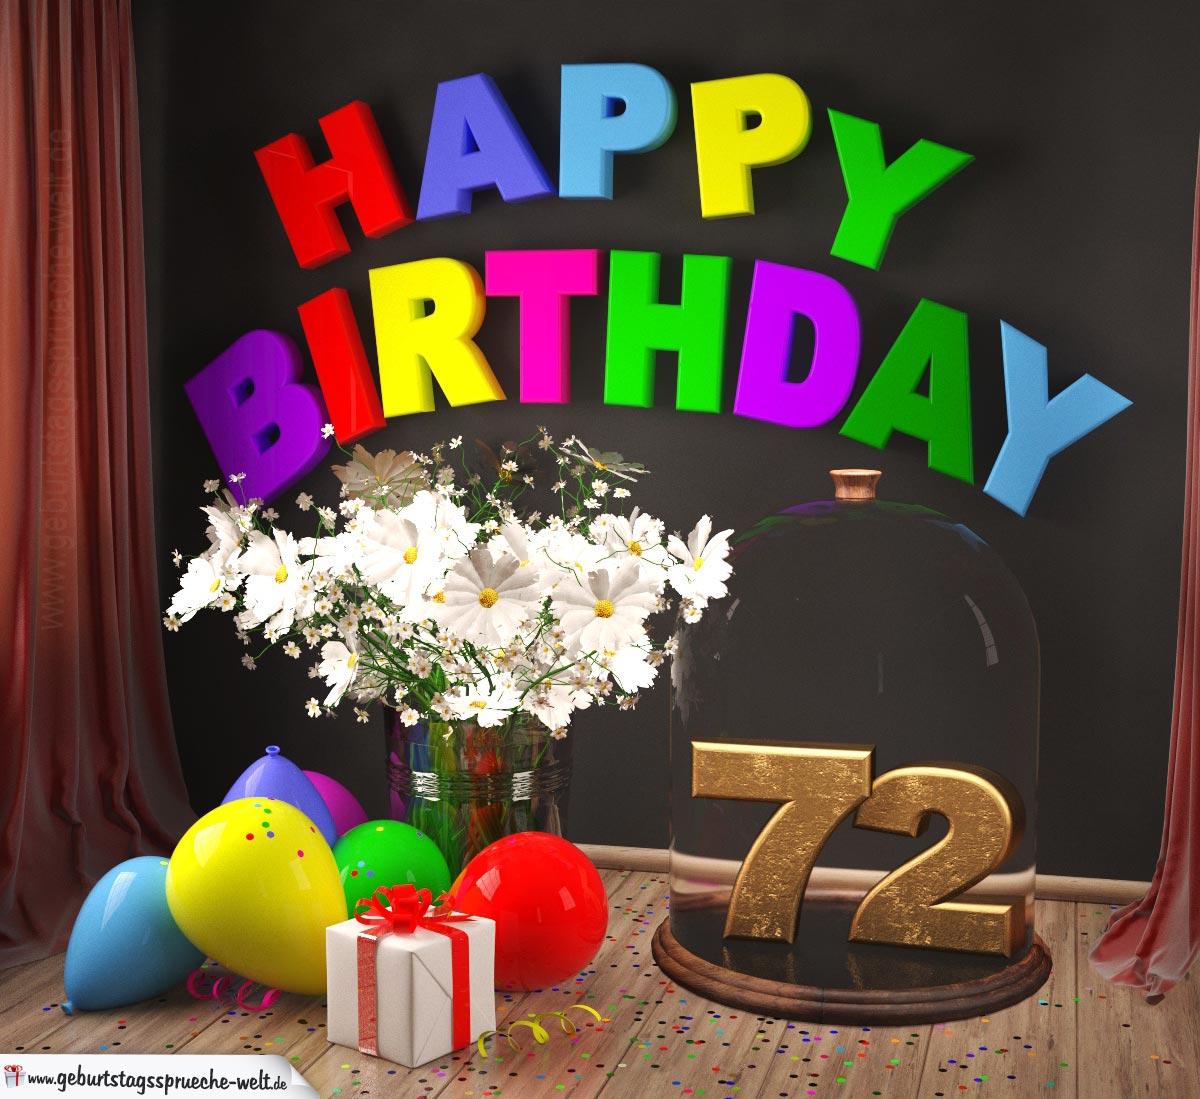 Happy Birthday 72 Jahre Glückwunschkarte mit Margeriten-Blumenstrauß, Luftballons und Geschenk unter Glasglocke